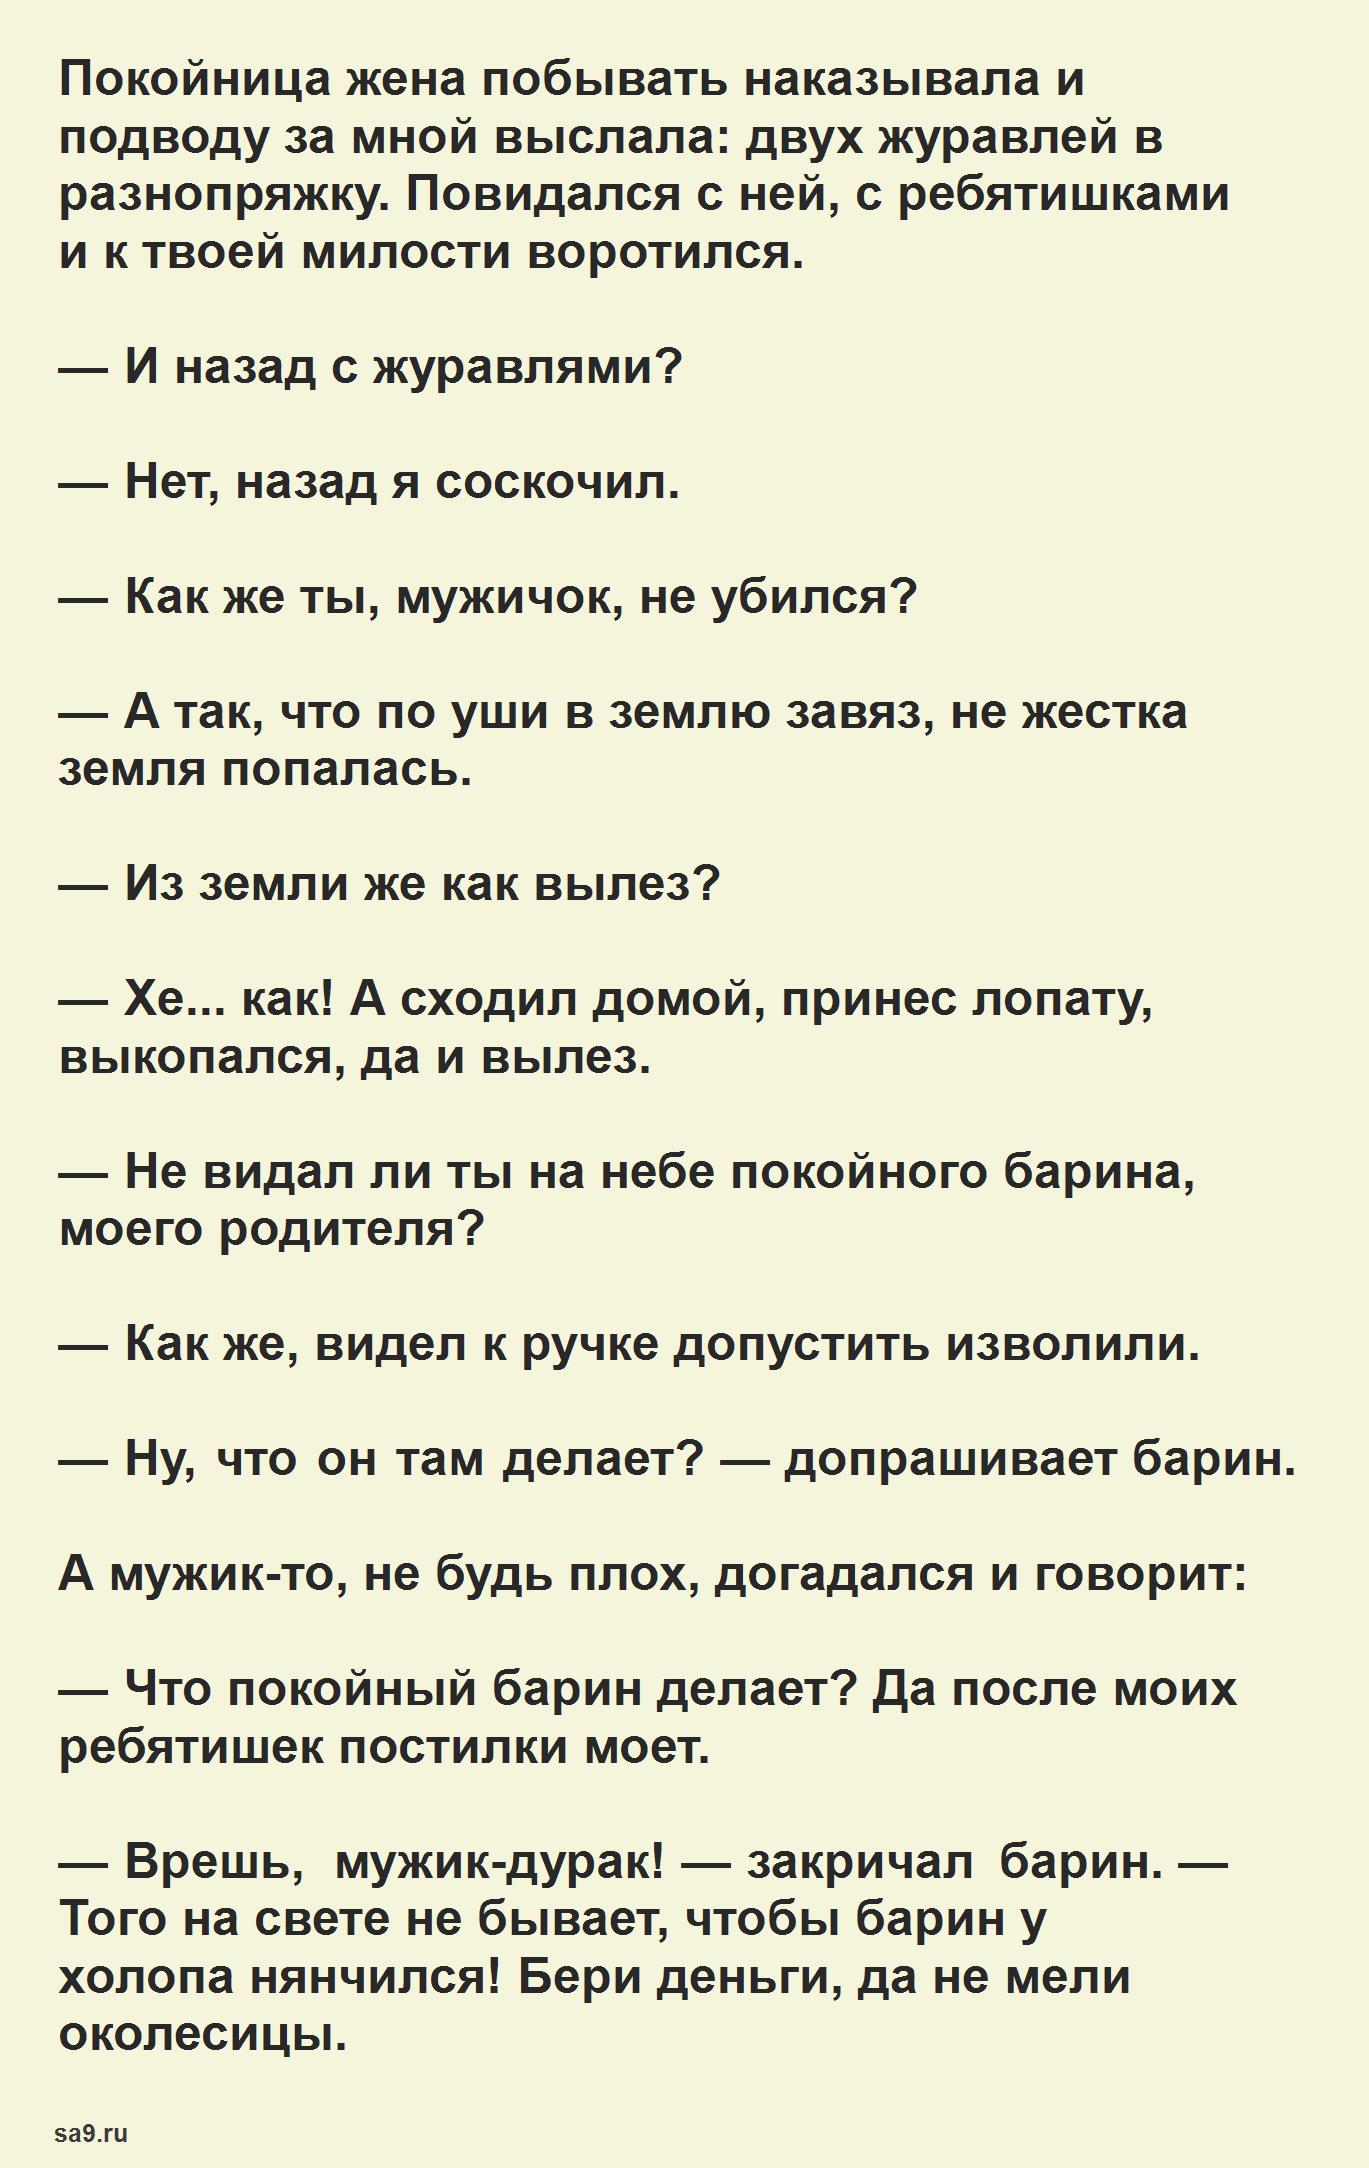 Чего на свете не бывает - русская народная сказка, читать полностью